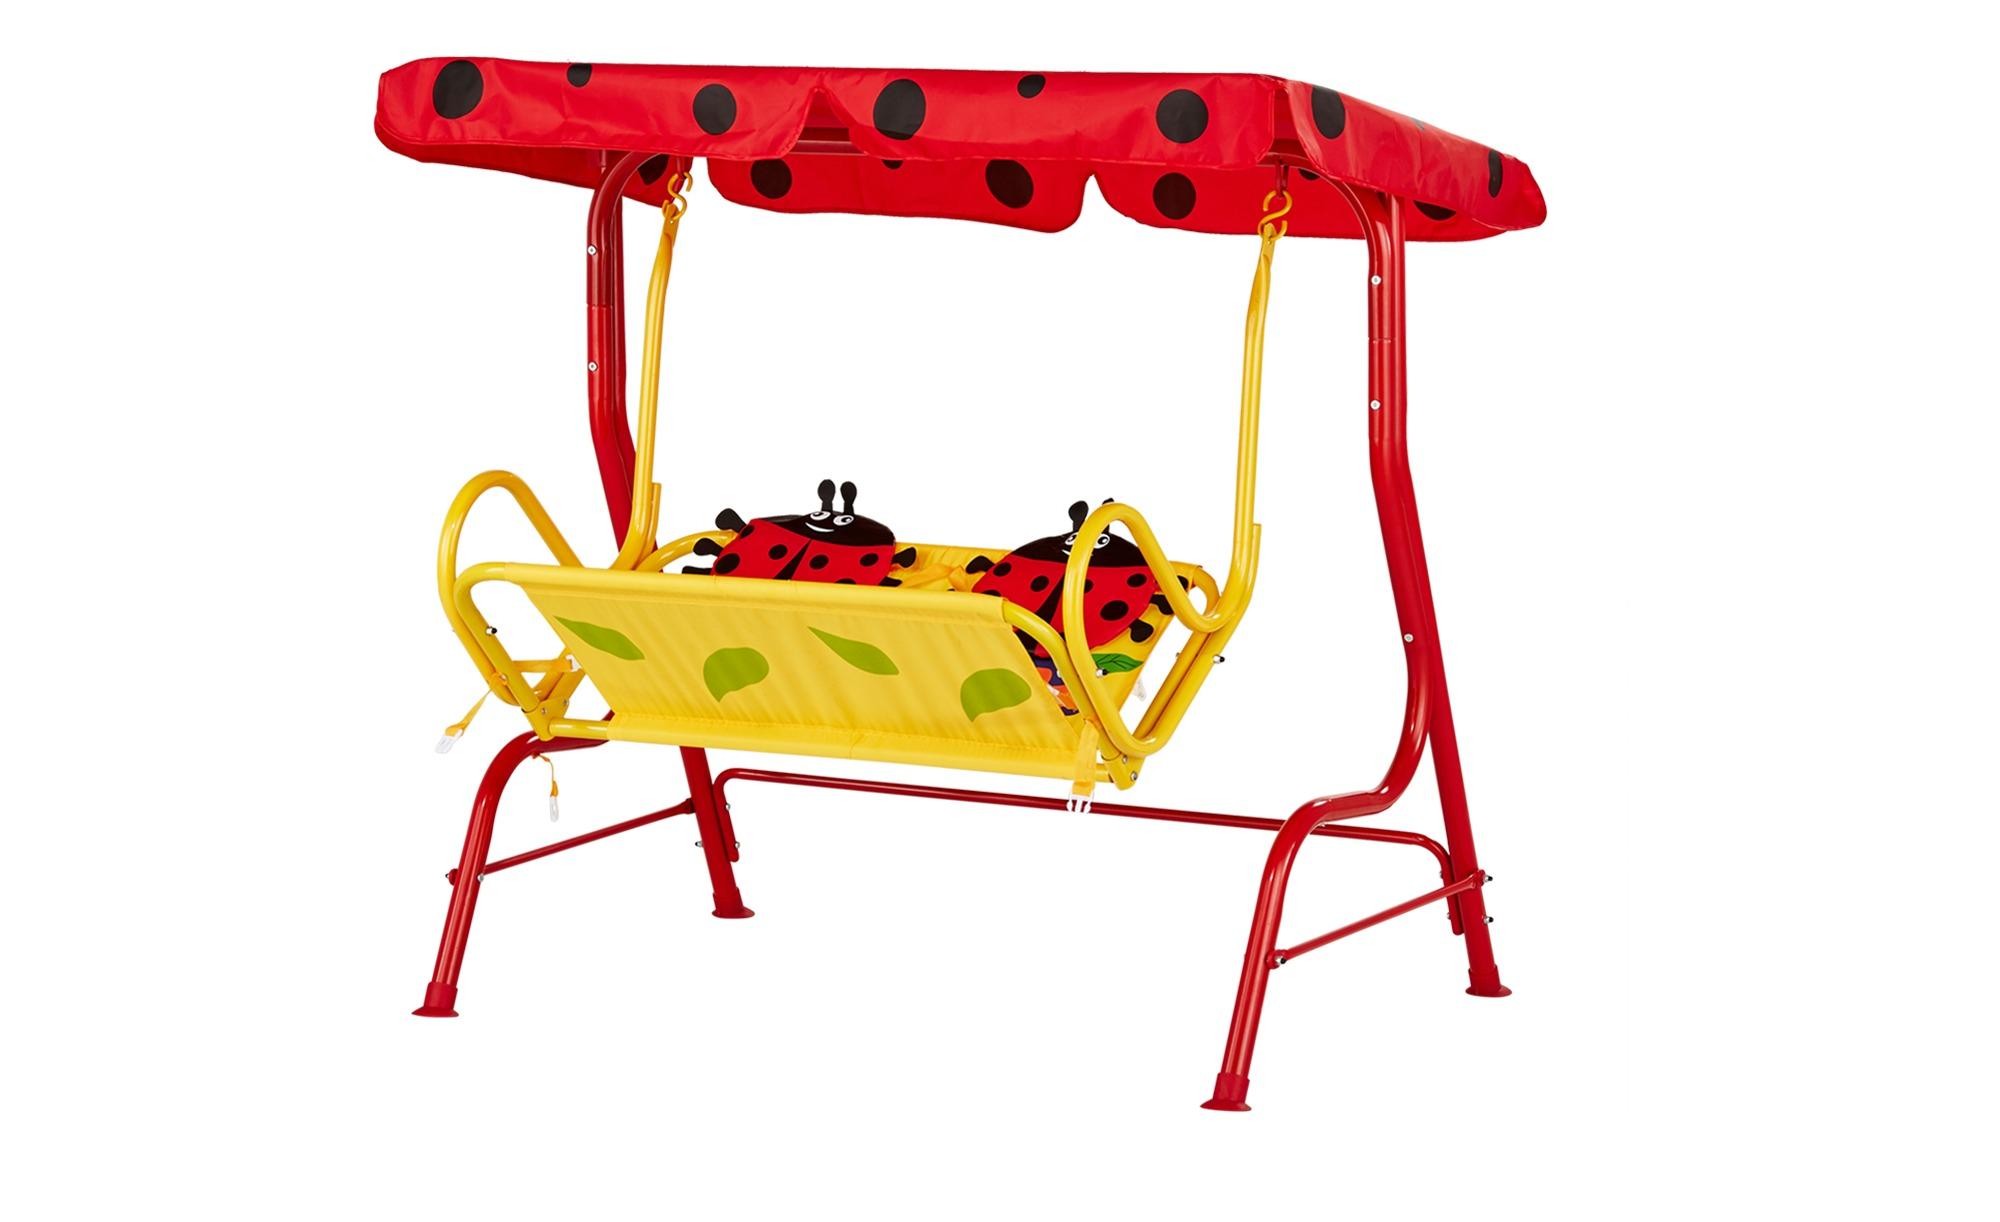 Full Size of Kinderschaukel Garten Marie Mbel Hffner Essgruppe Lounge Möbel Beistelltisch Set Kandelaber Kinderspielhaus Schwimmingpool Für Den Liegestuhl Leuchtkugel Garten Kinderschaukel Garten